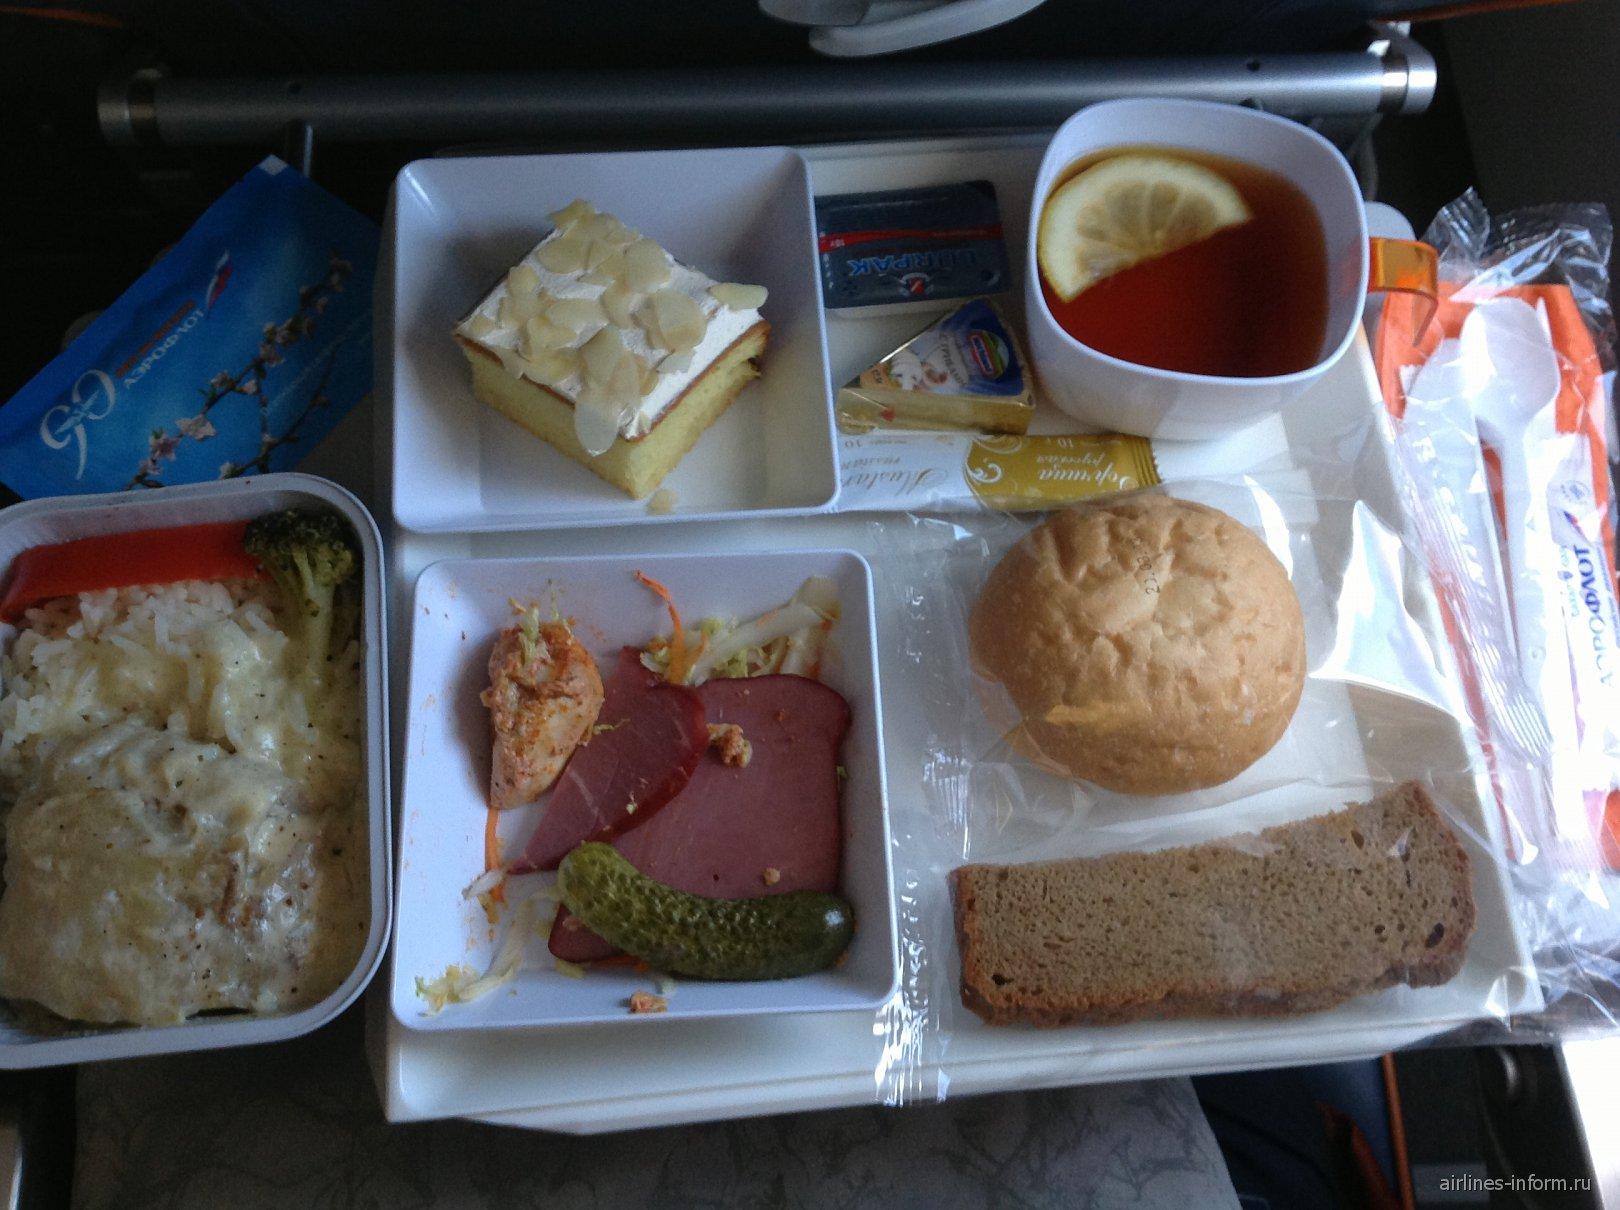 Питание на рейсе Аэрофлота Владивосток-Москва